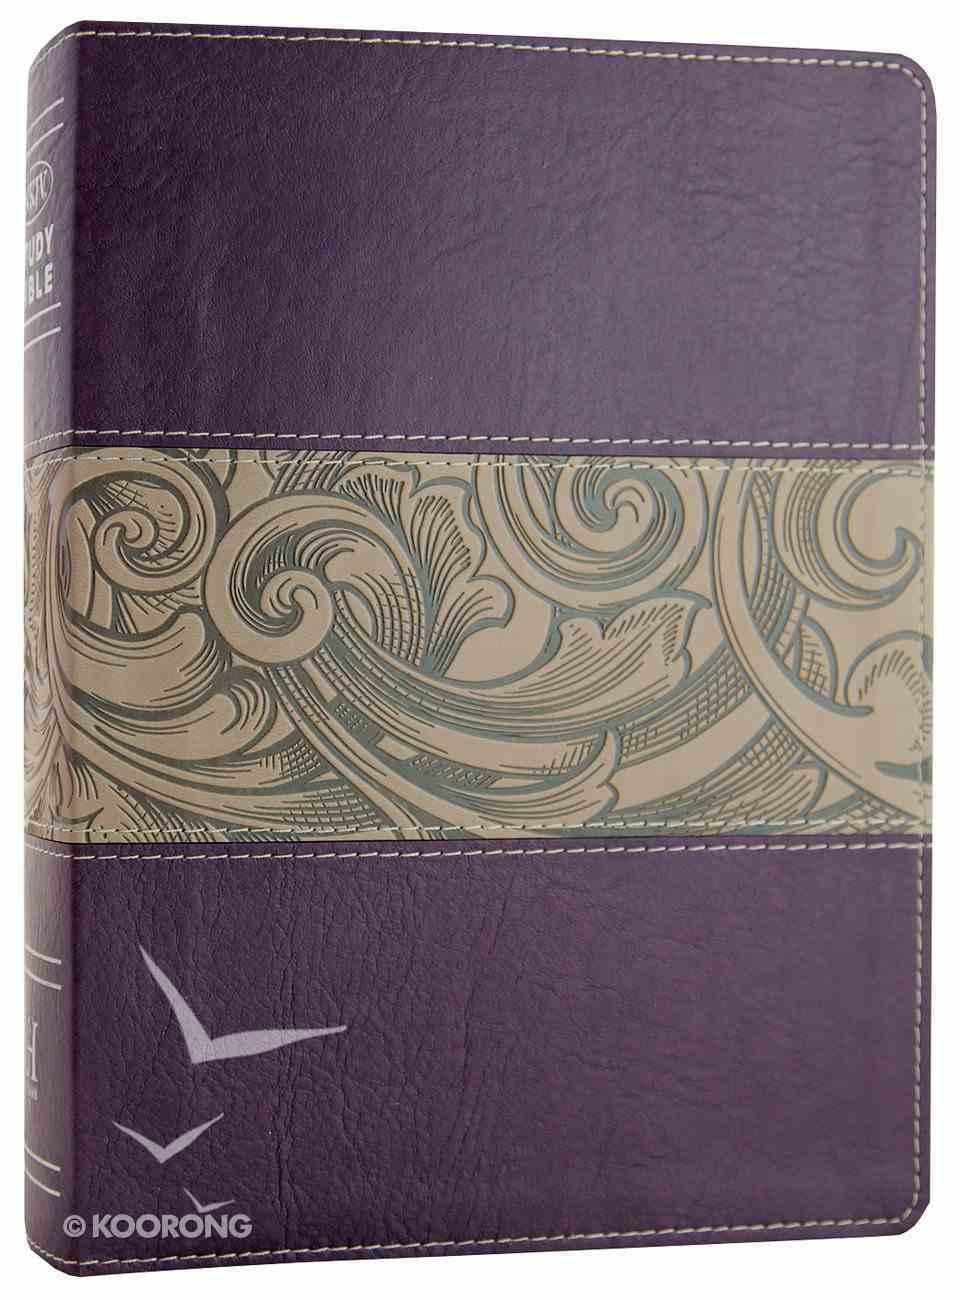 NKJV Holman Study Bible Eggplant/Tan (Full Colour) Premium Imitation Leather